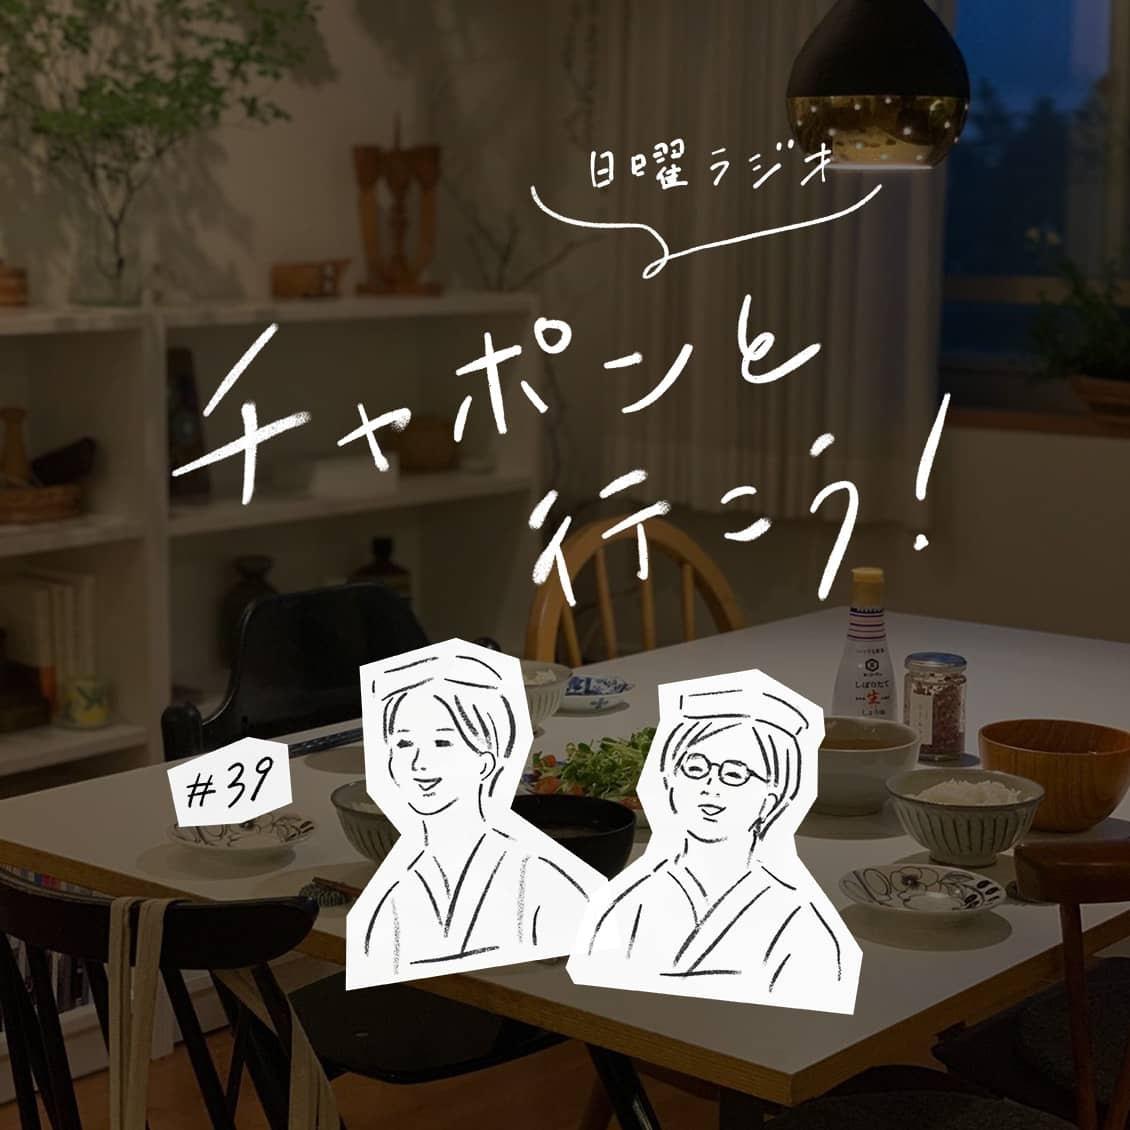 【日曜ラジオ|チャポンと行こう!】第39夜:夕飯作りのやる気が出ない。平日ごはんの「お助けアイテム」って?